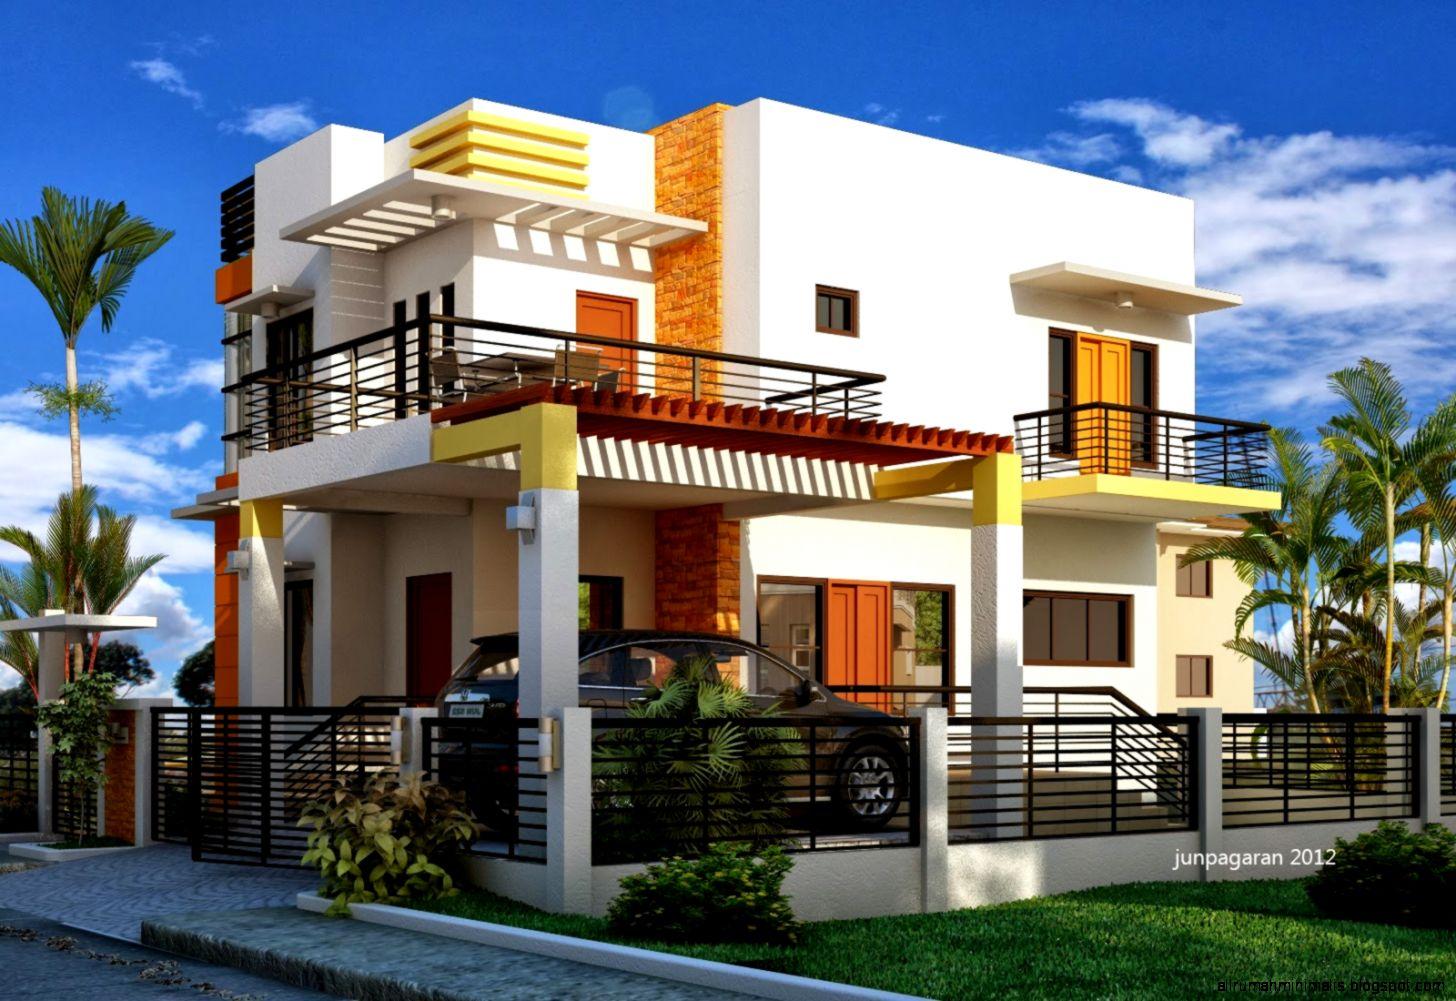 rumah mewah minimalis modern  Cara Mendesain Rumah